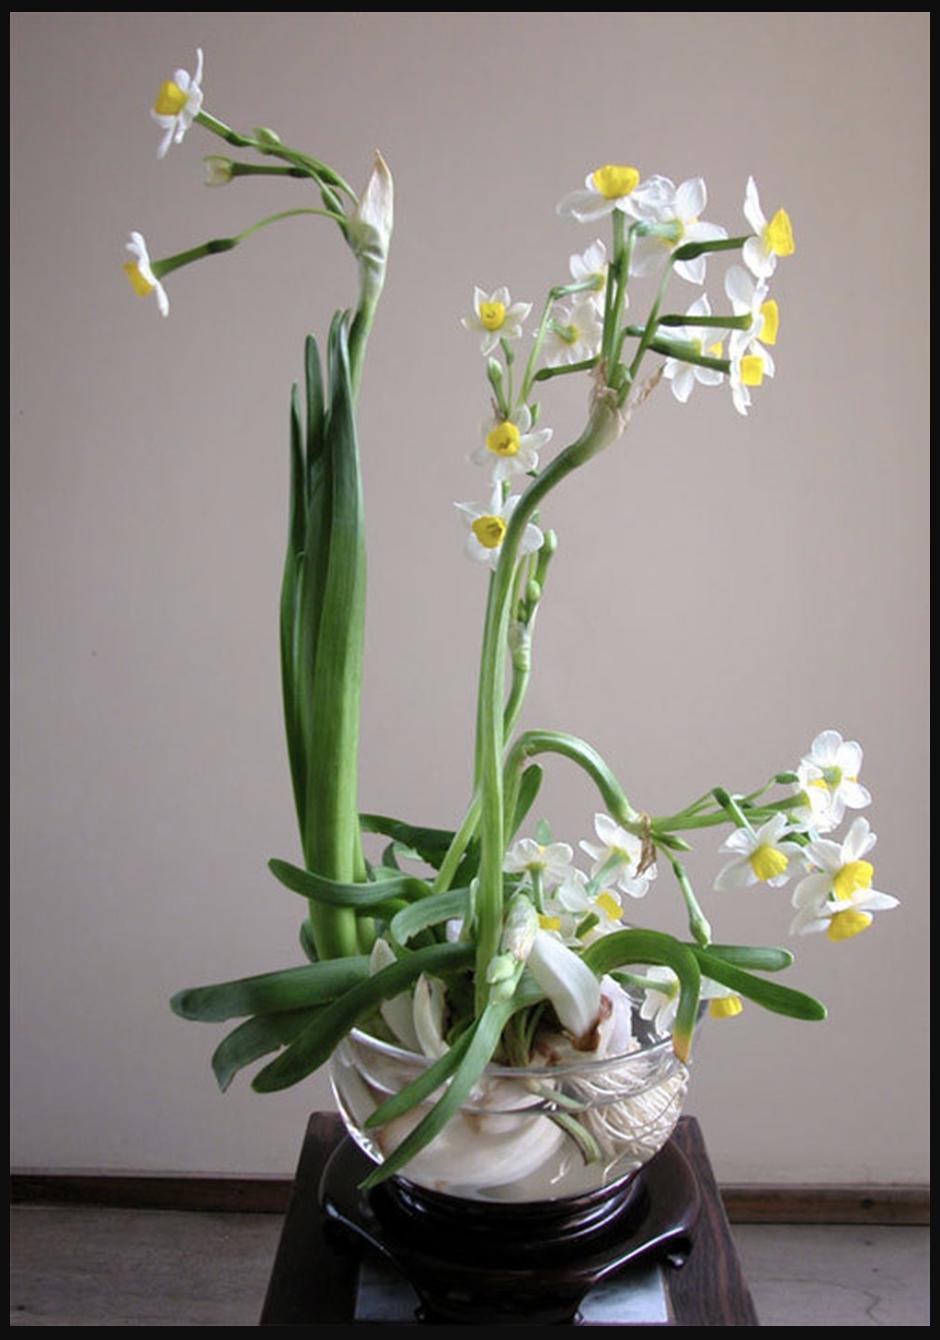 Cách chăm sóc hoa phù hợp